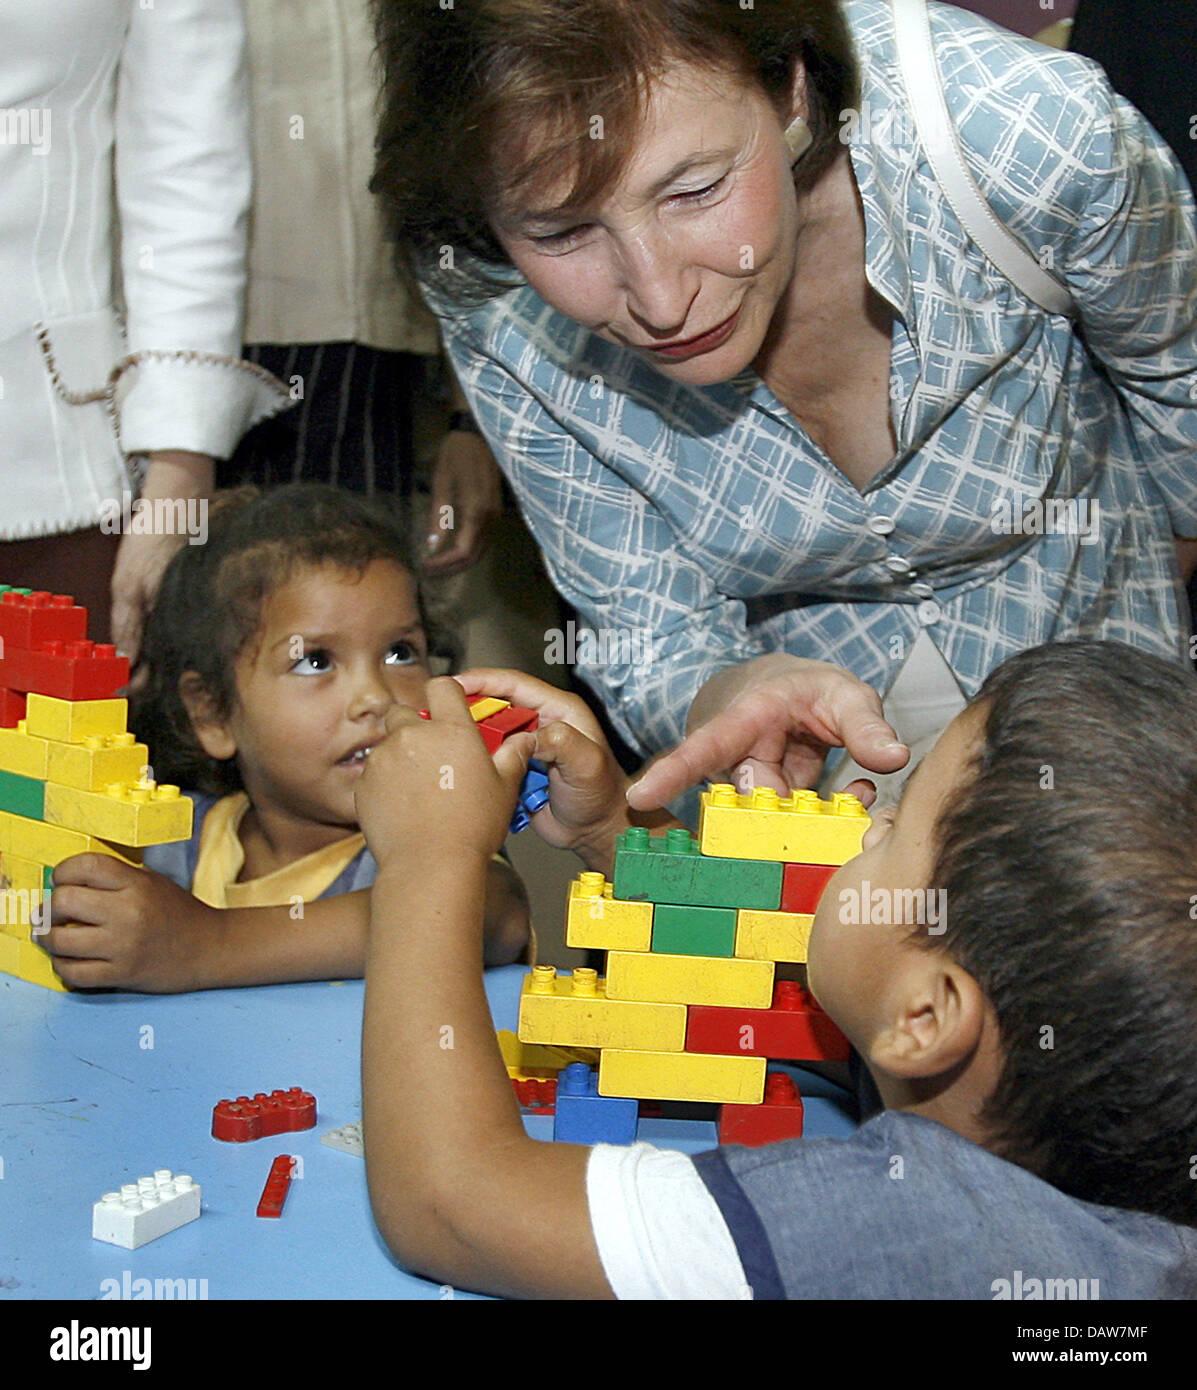 The wife of German President Horst Koehler, Eva Koehler, talks to children at the playgroup 'Cynthia Espinoza' - Stock Image